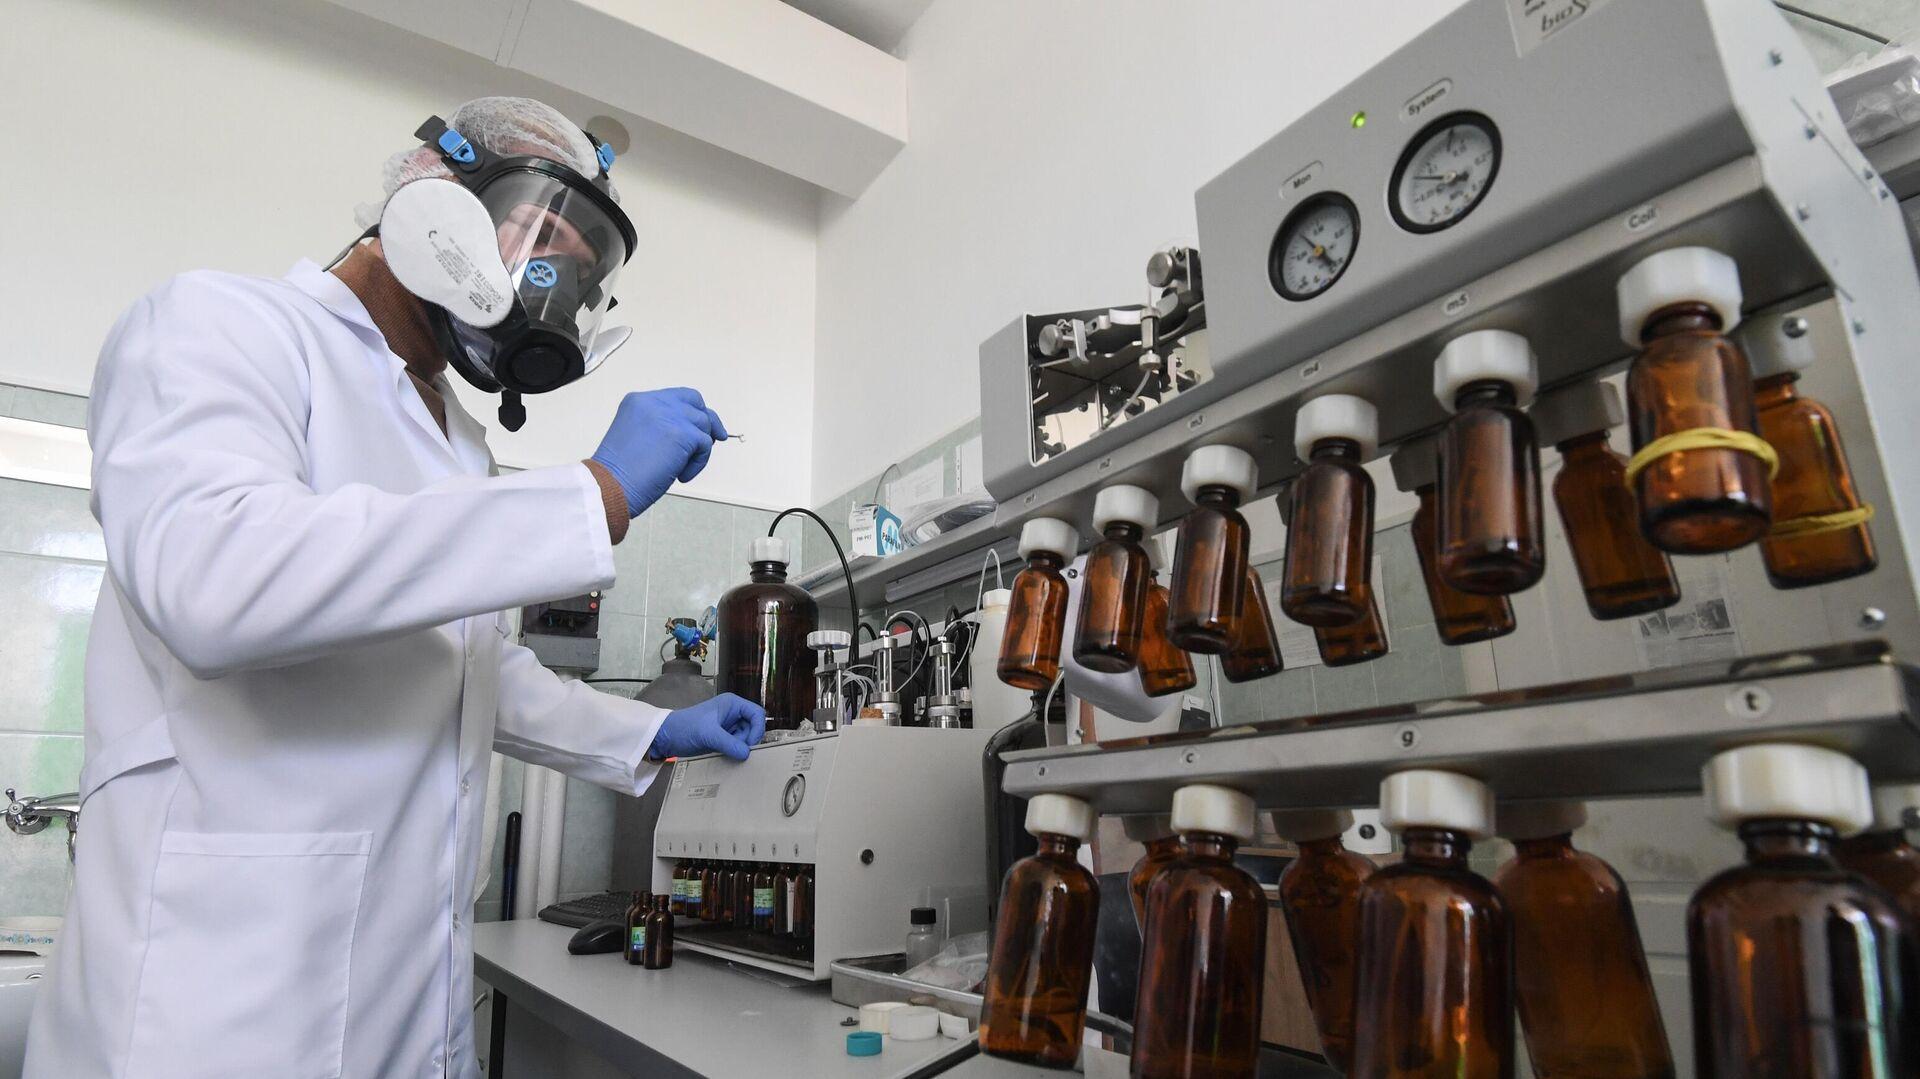 Учёные Крымского федерального университета разработали новую вакцину от коронавируса - РИА Новости, 1920, 16.10.2020